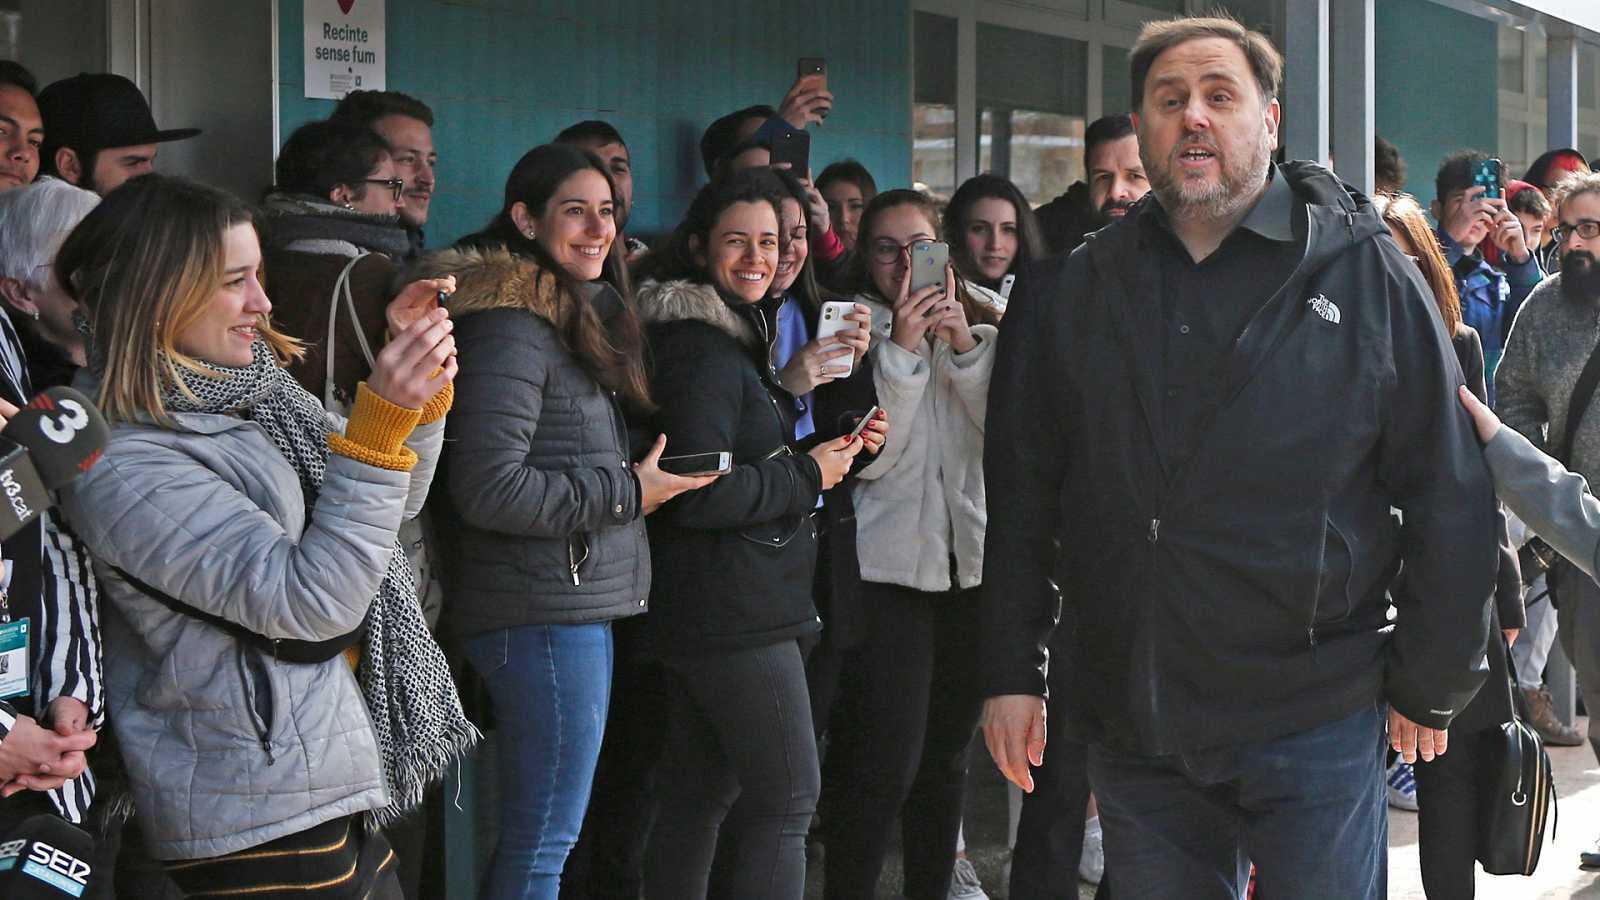 Edició Vespre - Les presons catalanes proposen el tercer grau pels presos independentistes